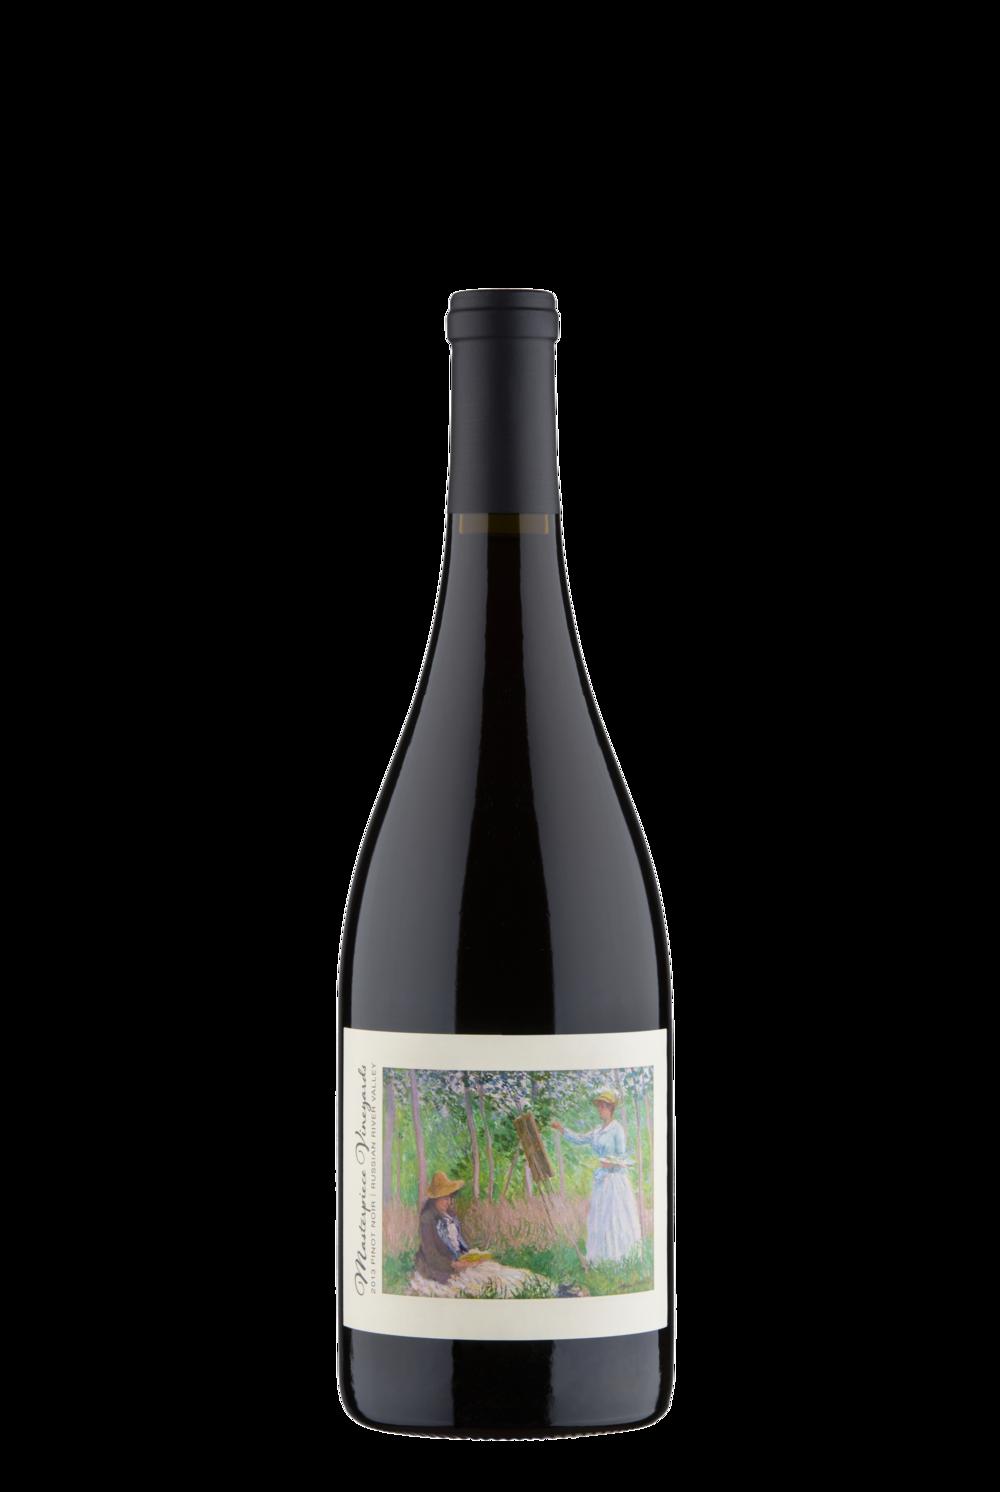 2014 Pinot Noir (transparent png)